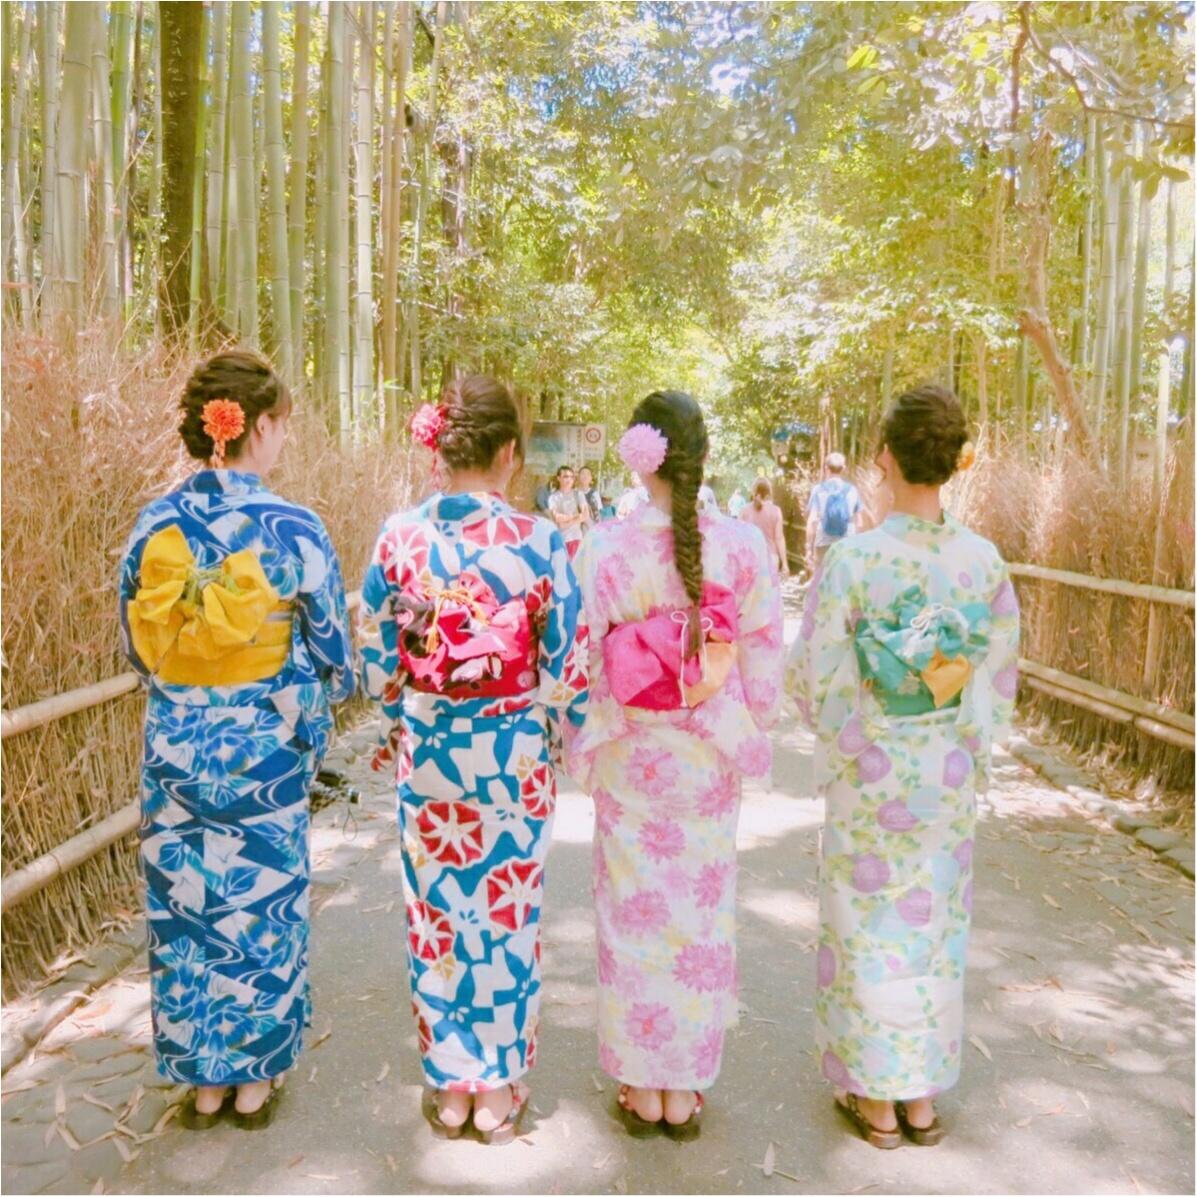 夏のデートは浴衣で決まり♡ 京都観光は浴衣のレンタルがおすすめ♡_4